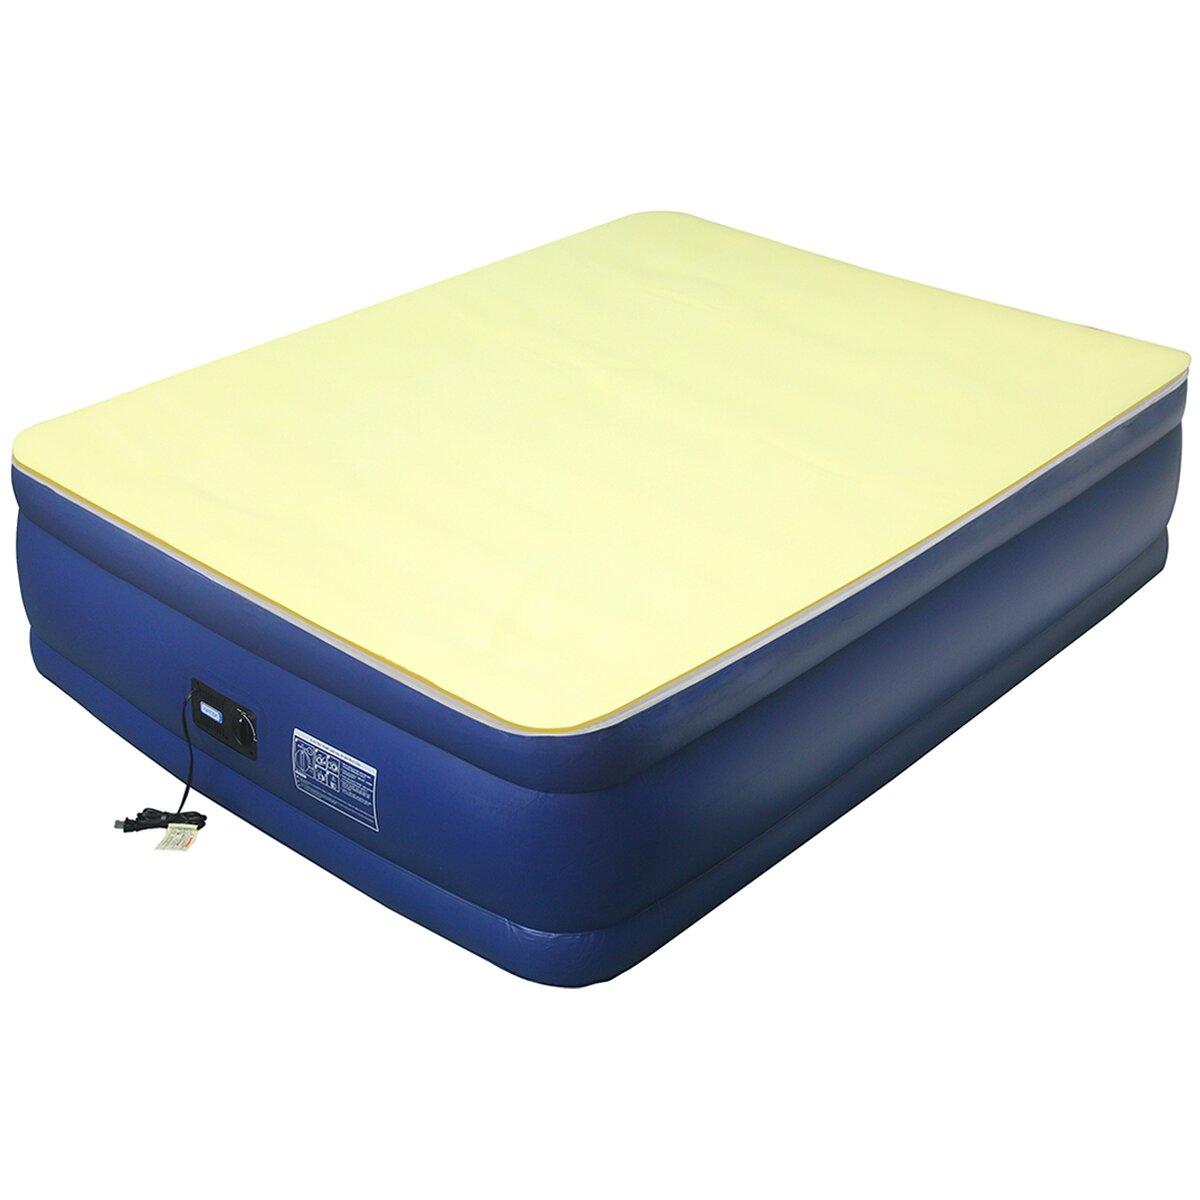 Altimair Essentials Airbed High 1 Density Memory Foam Mattress Topper Reviews Wayfair